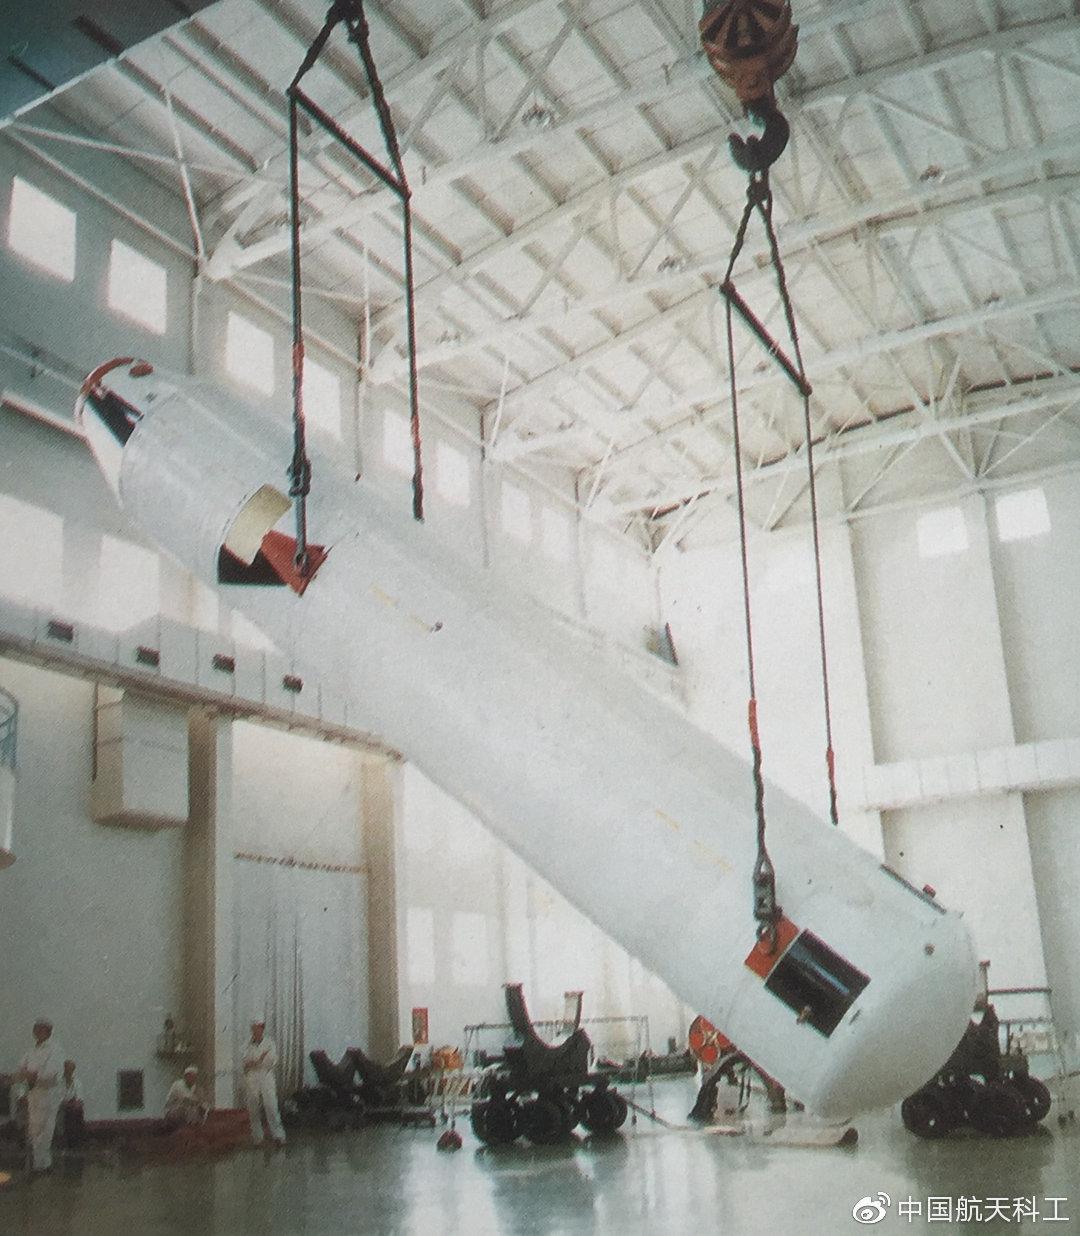 伴有危险的突破!巨浪导弹研发有多难?意外不止一次